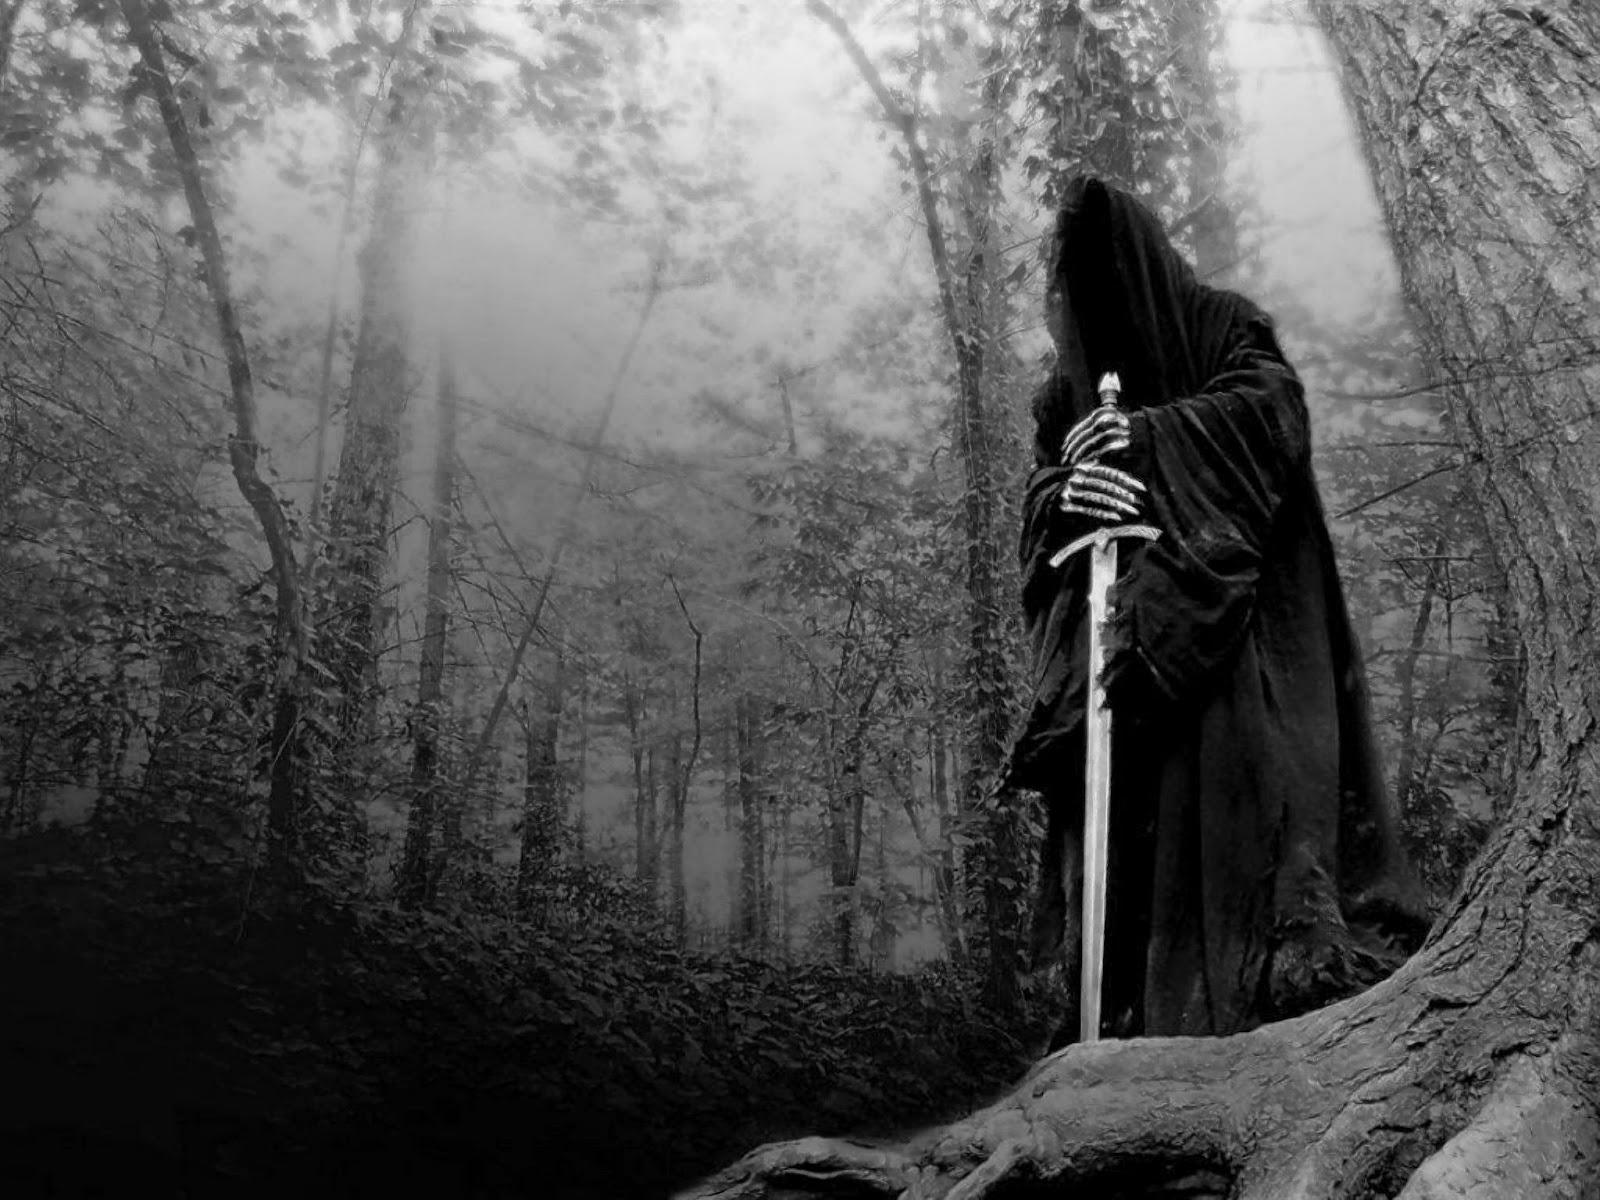 Imagen de un ser obscuro, cual muerte, de pie en un bosque y apoyándose sobre una espada larga.